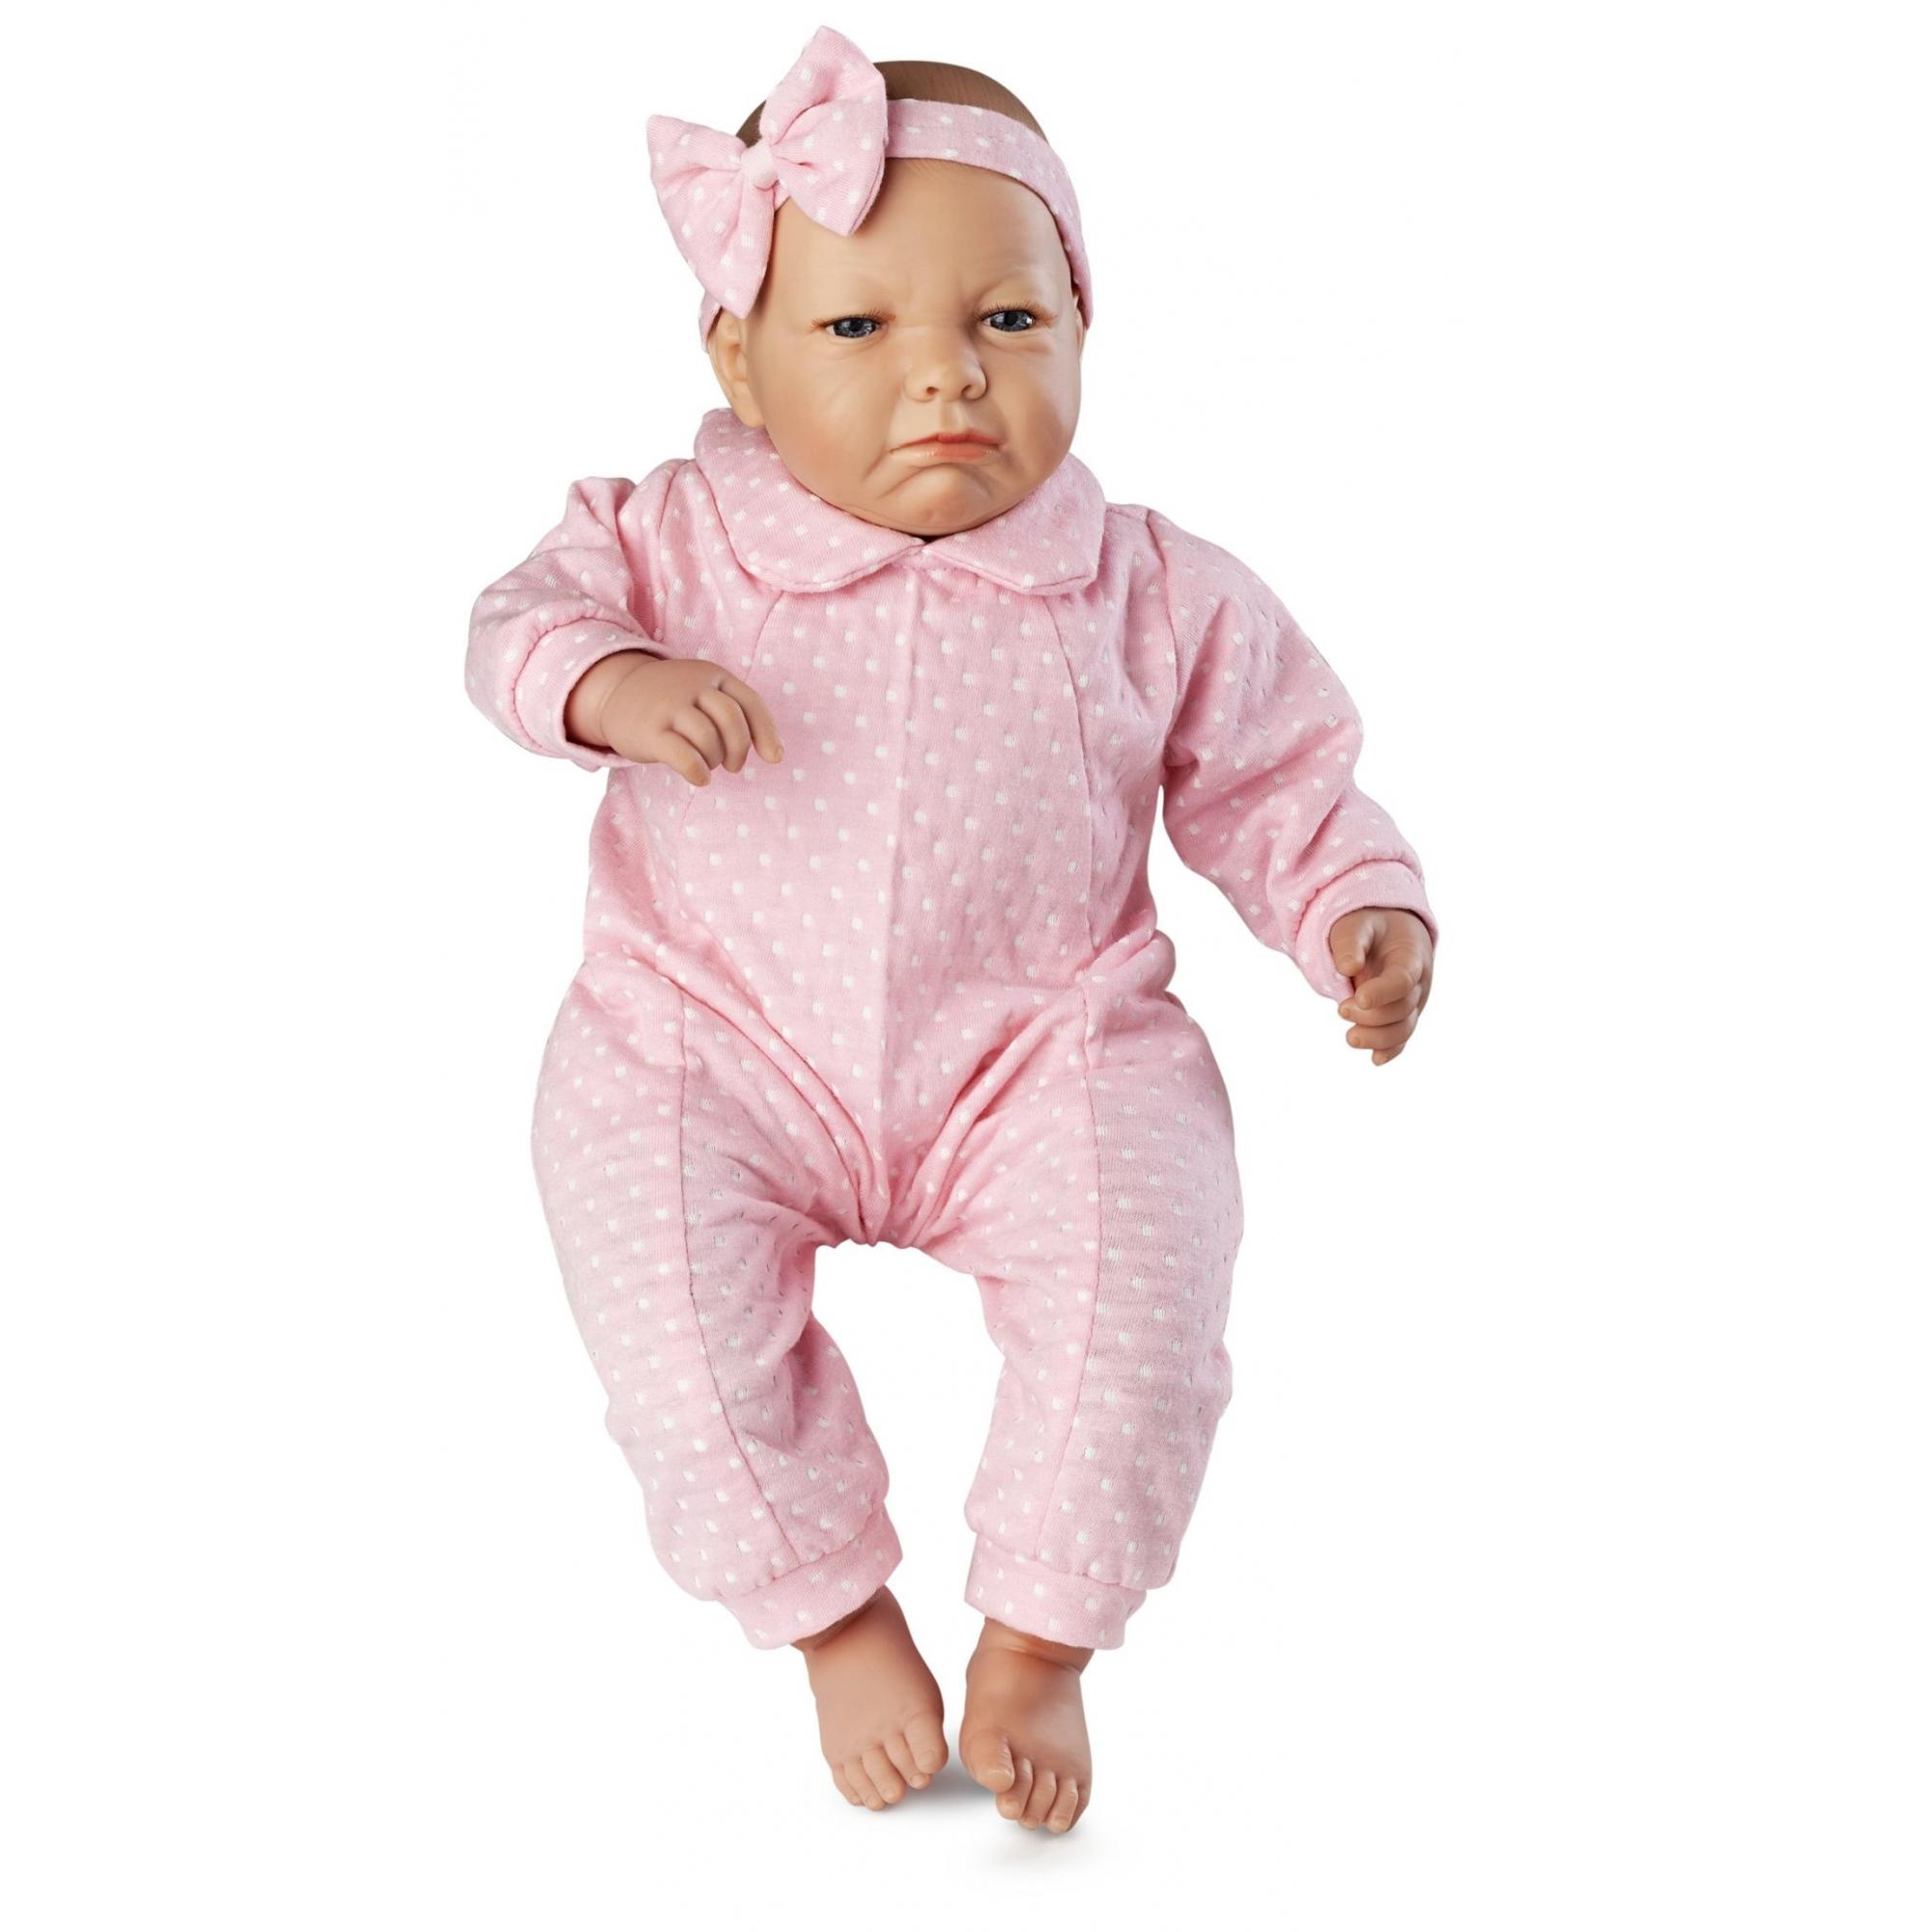 Boneca Bebê Real Expressões - Quero Carinho - Roma Brinquedos